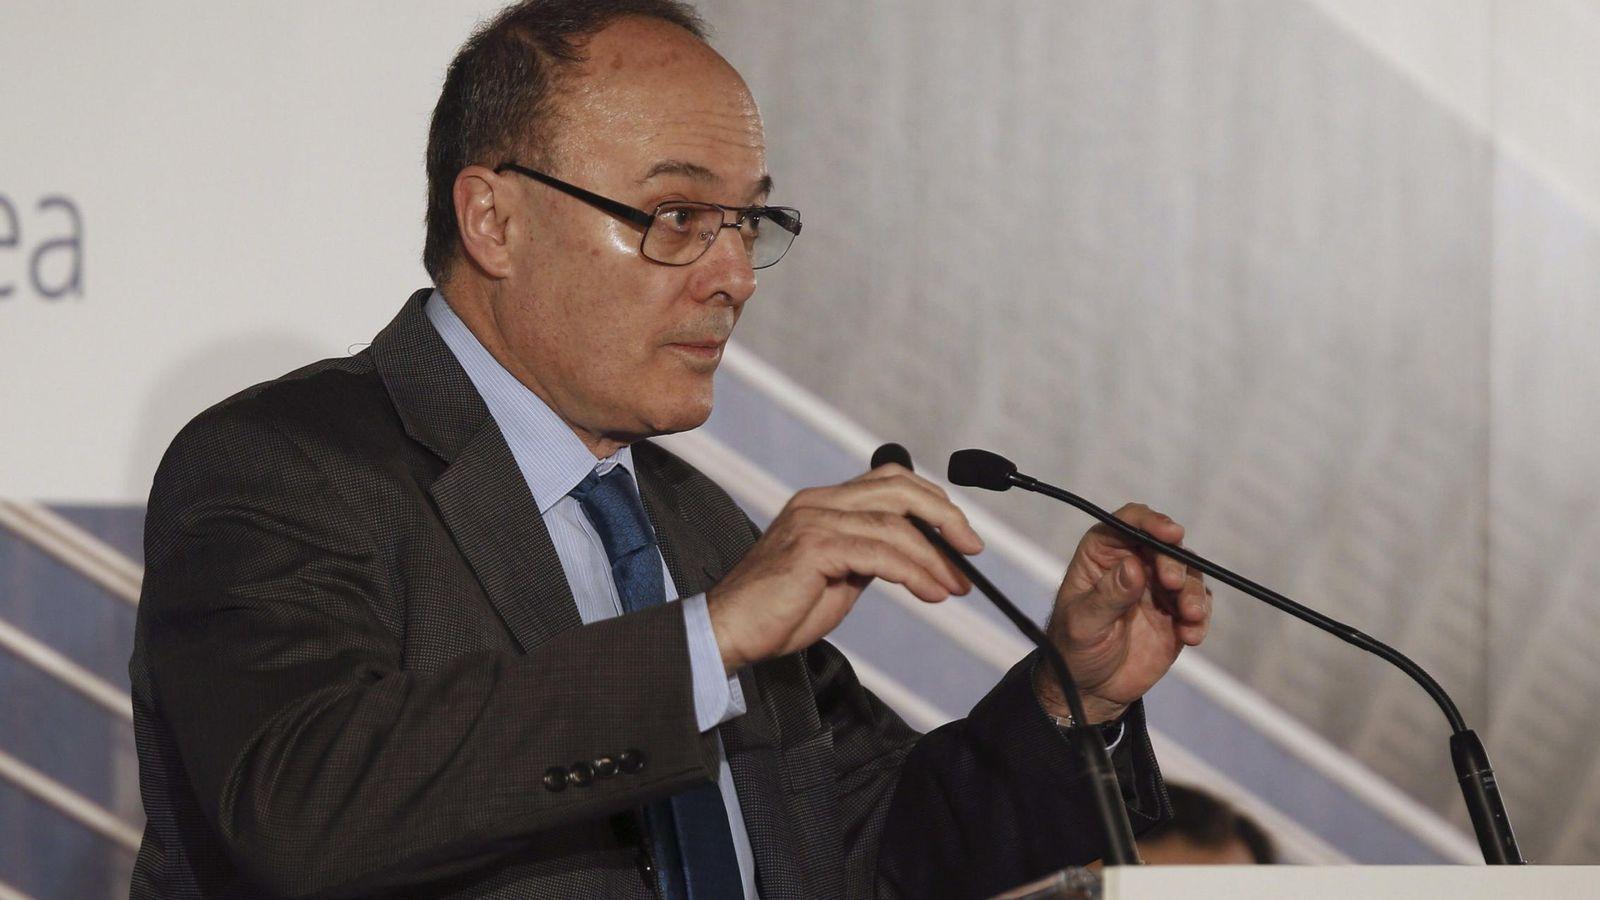 Foto: El gobernador del Banco de España, Luis María Linde, durante su intervención en el encuentro celebrado hoy en Madrid (EFE)